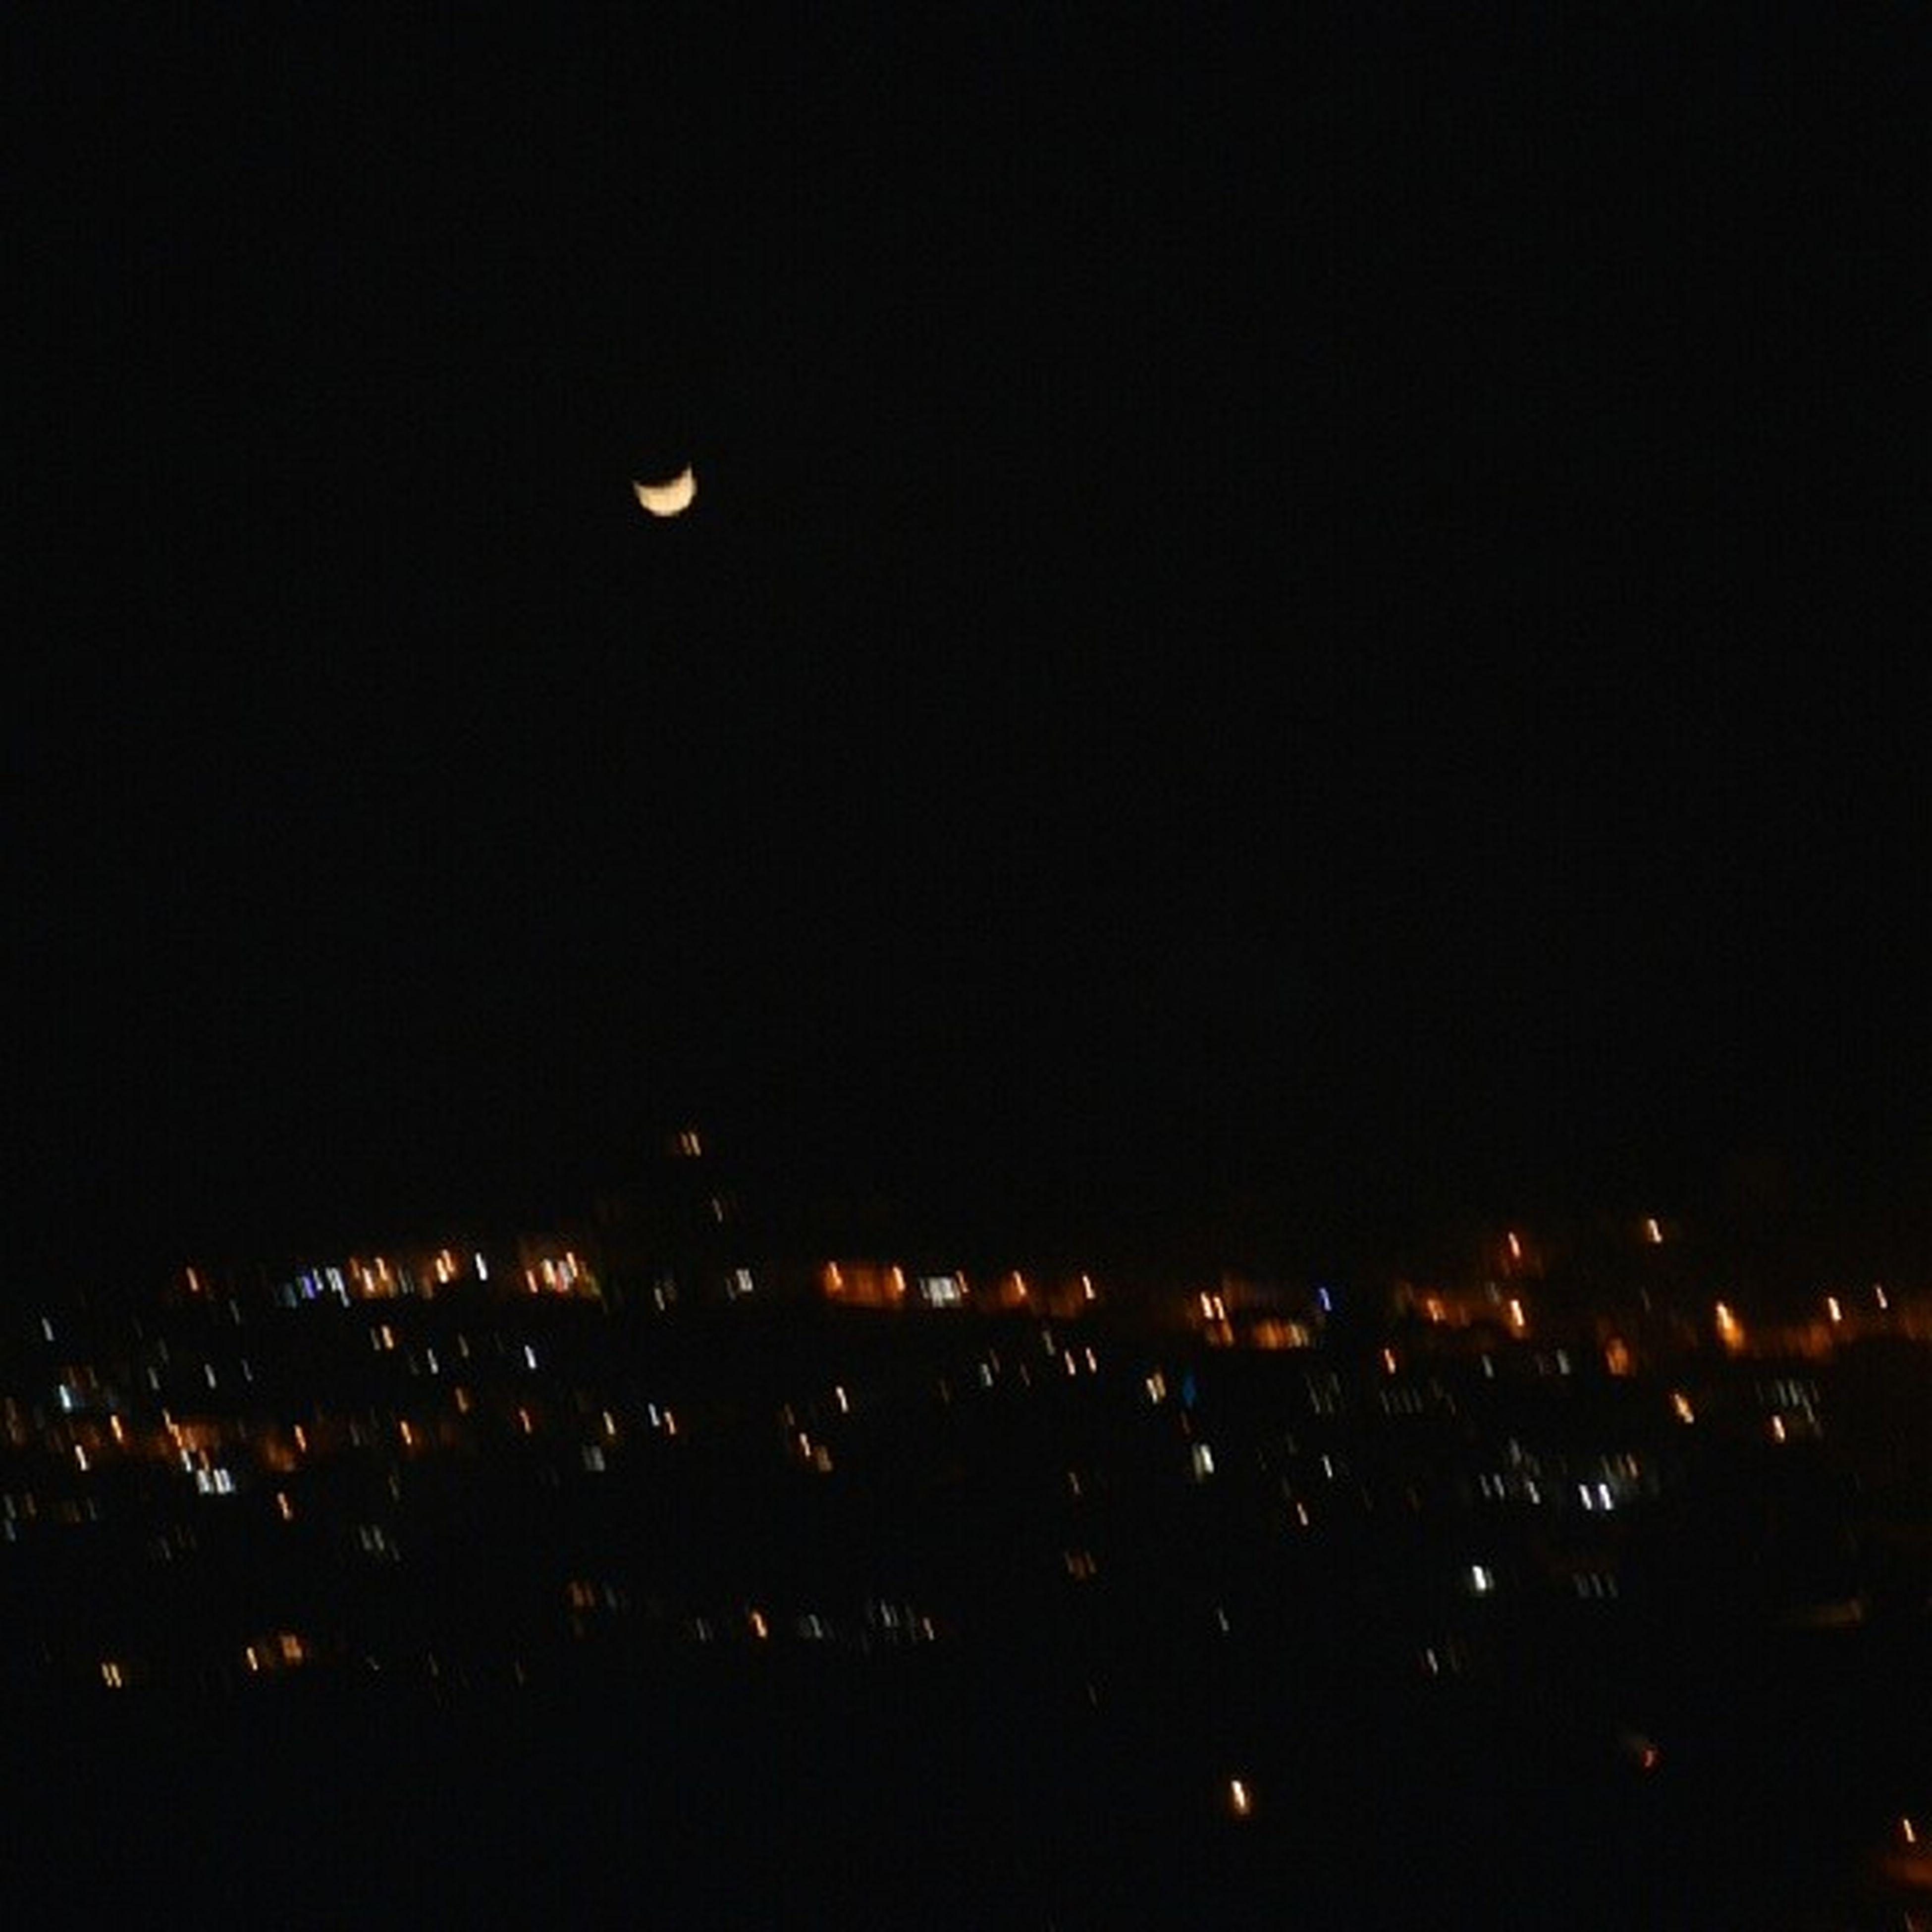 Deir el qamar Under The moon